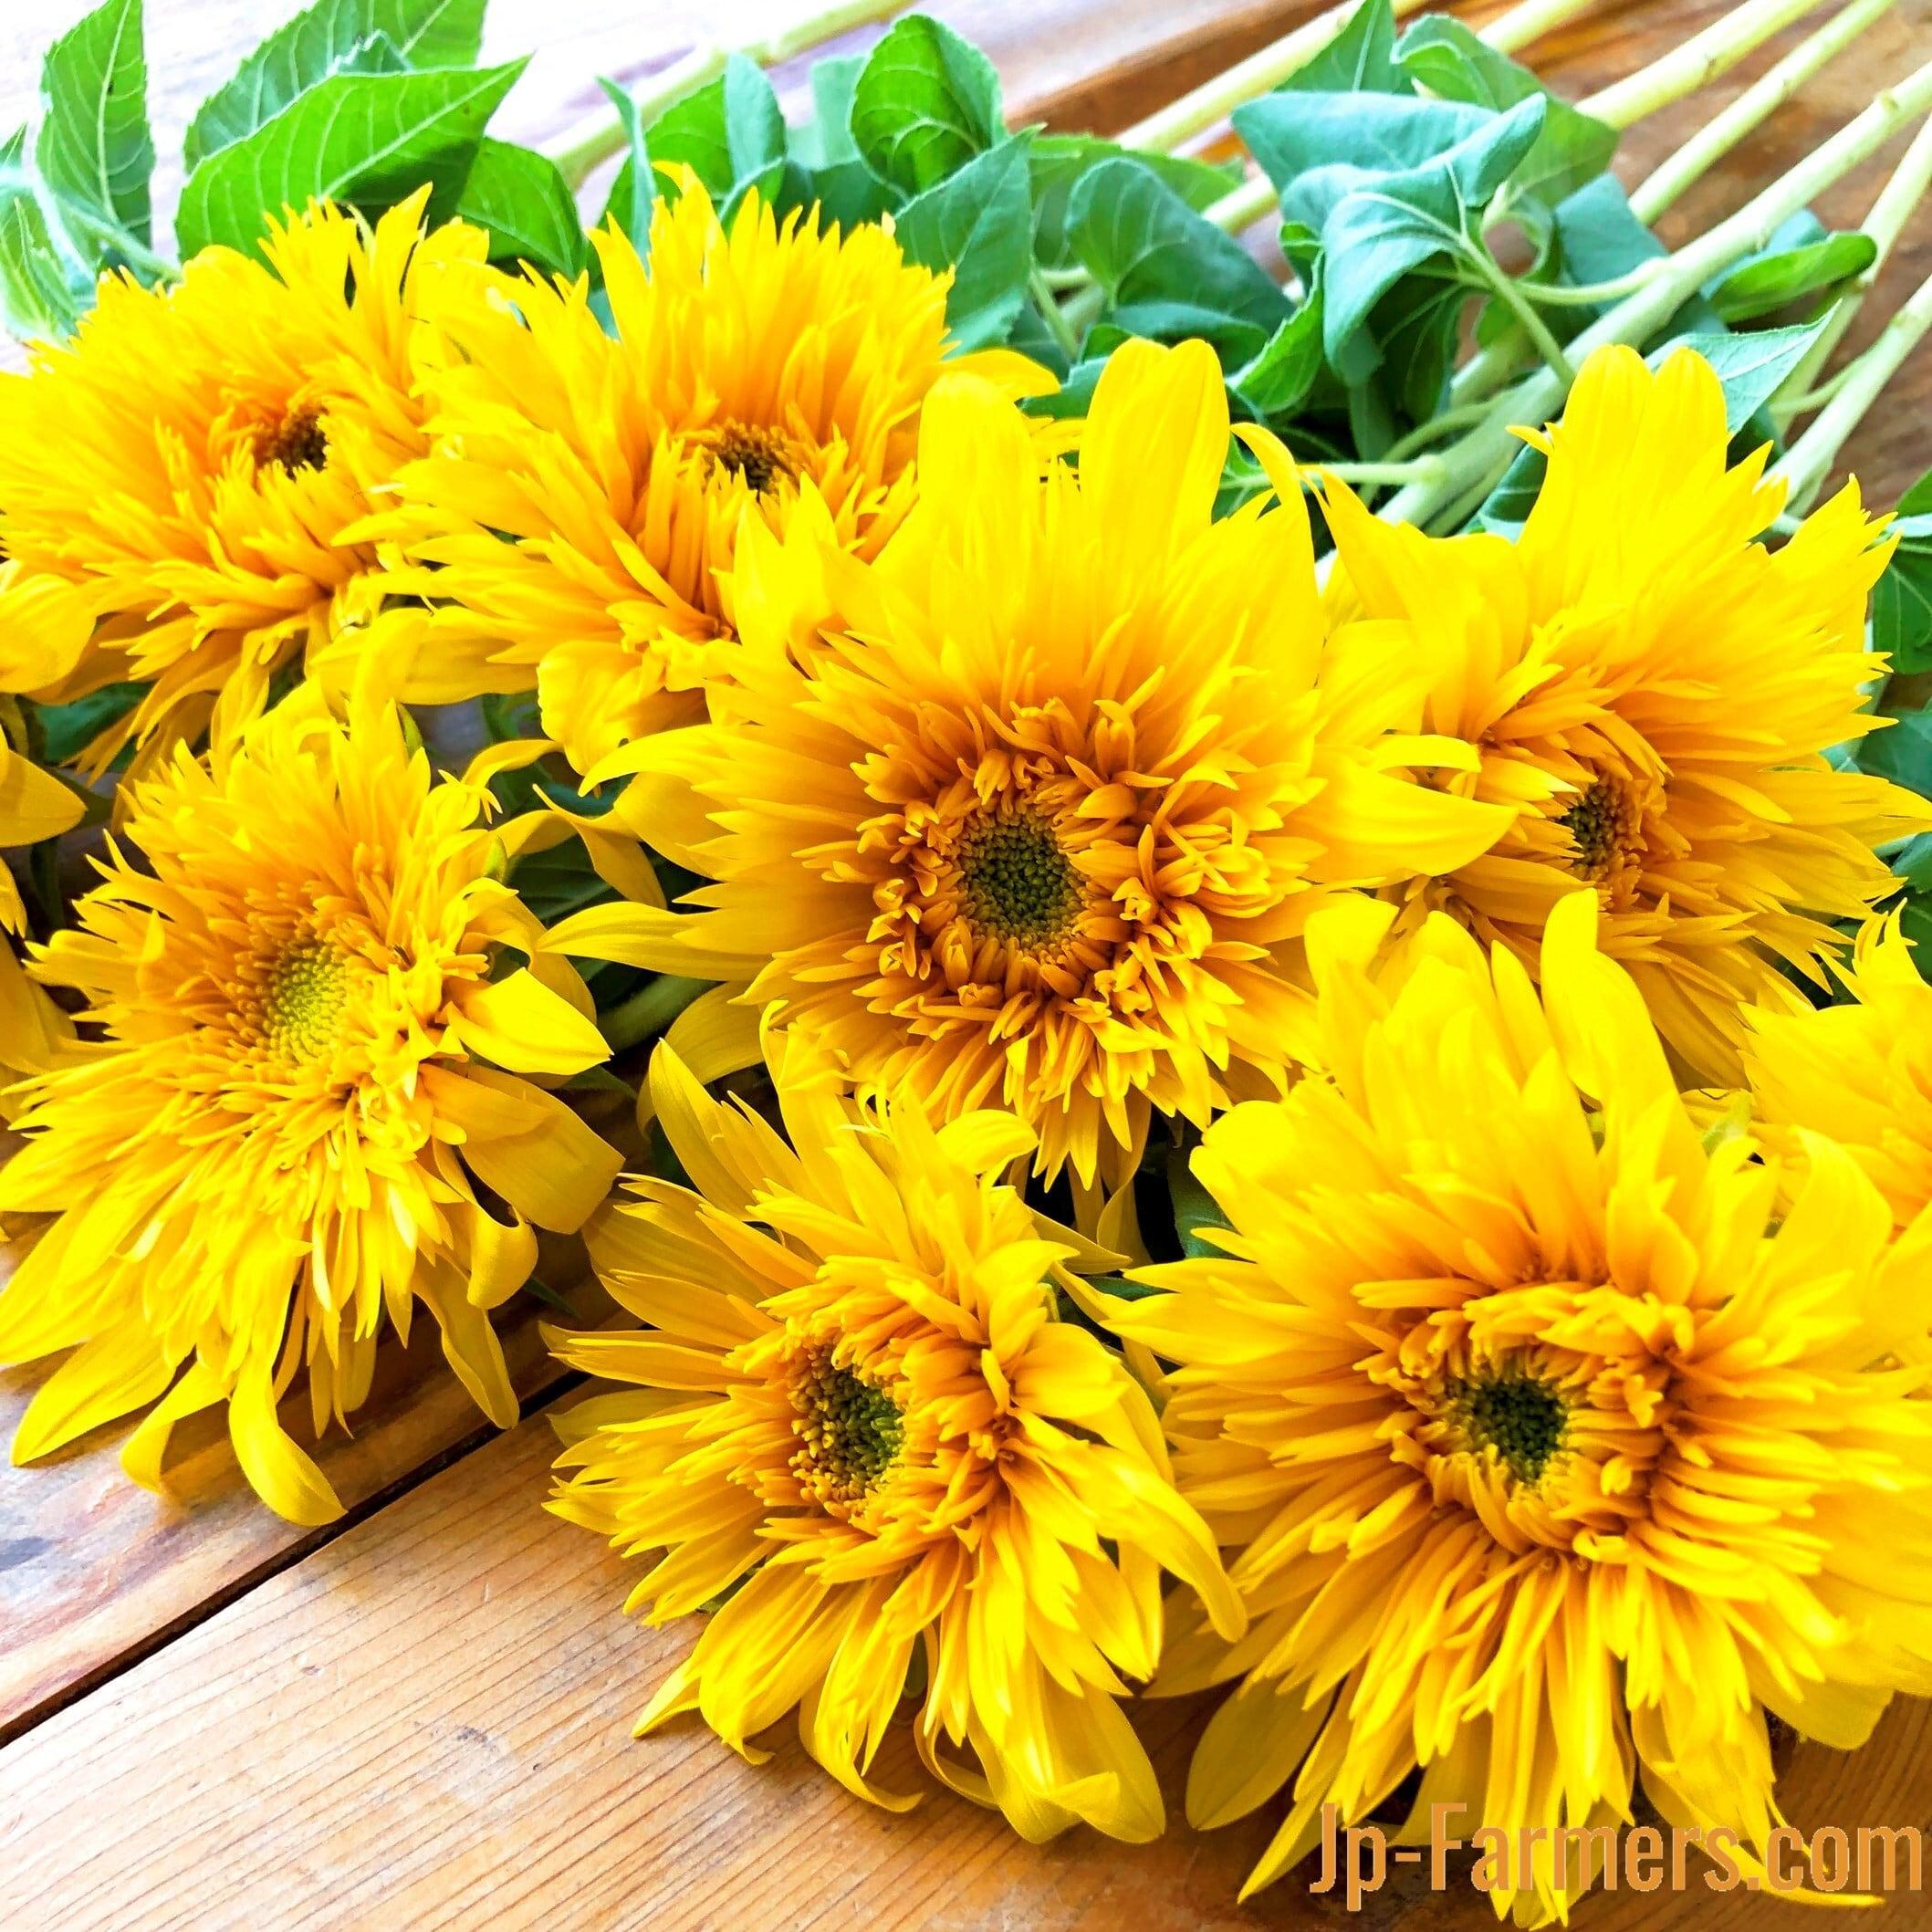 絵画の様な秋らしい八重品種のひまわりで元気をチャージしよう!! 北海道産 東北八重 20本